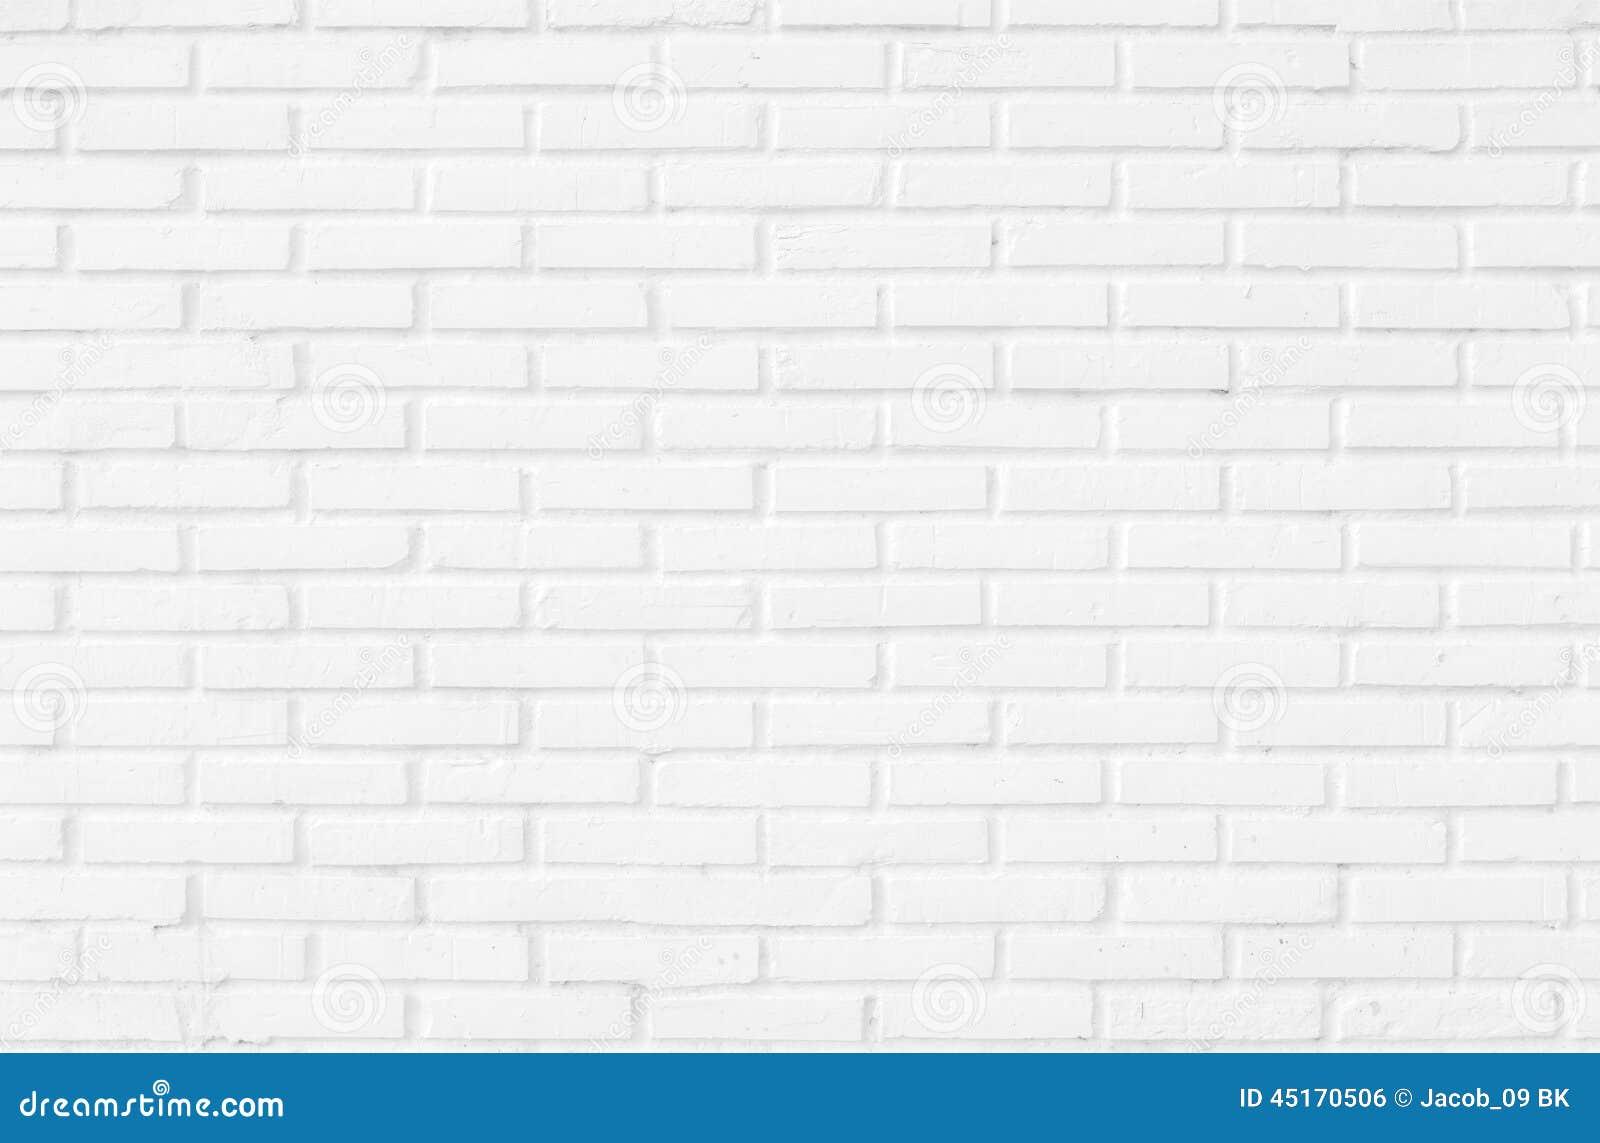 Pared de ladrillo blanco y negro foto de archivo imagen de bathroom ceramic 45170506 - Pared ladrillo blanco ...